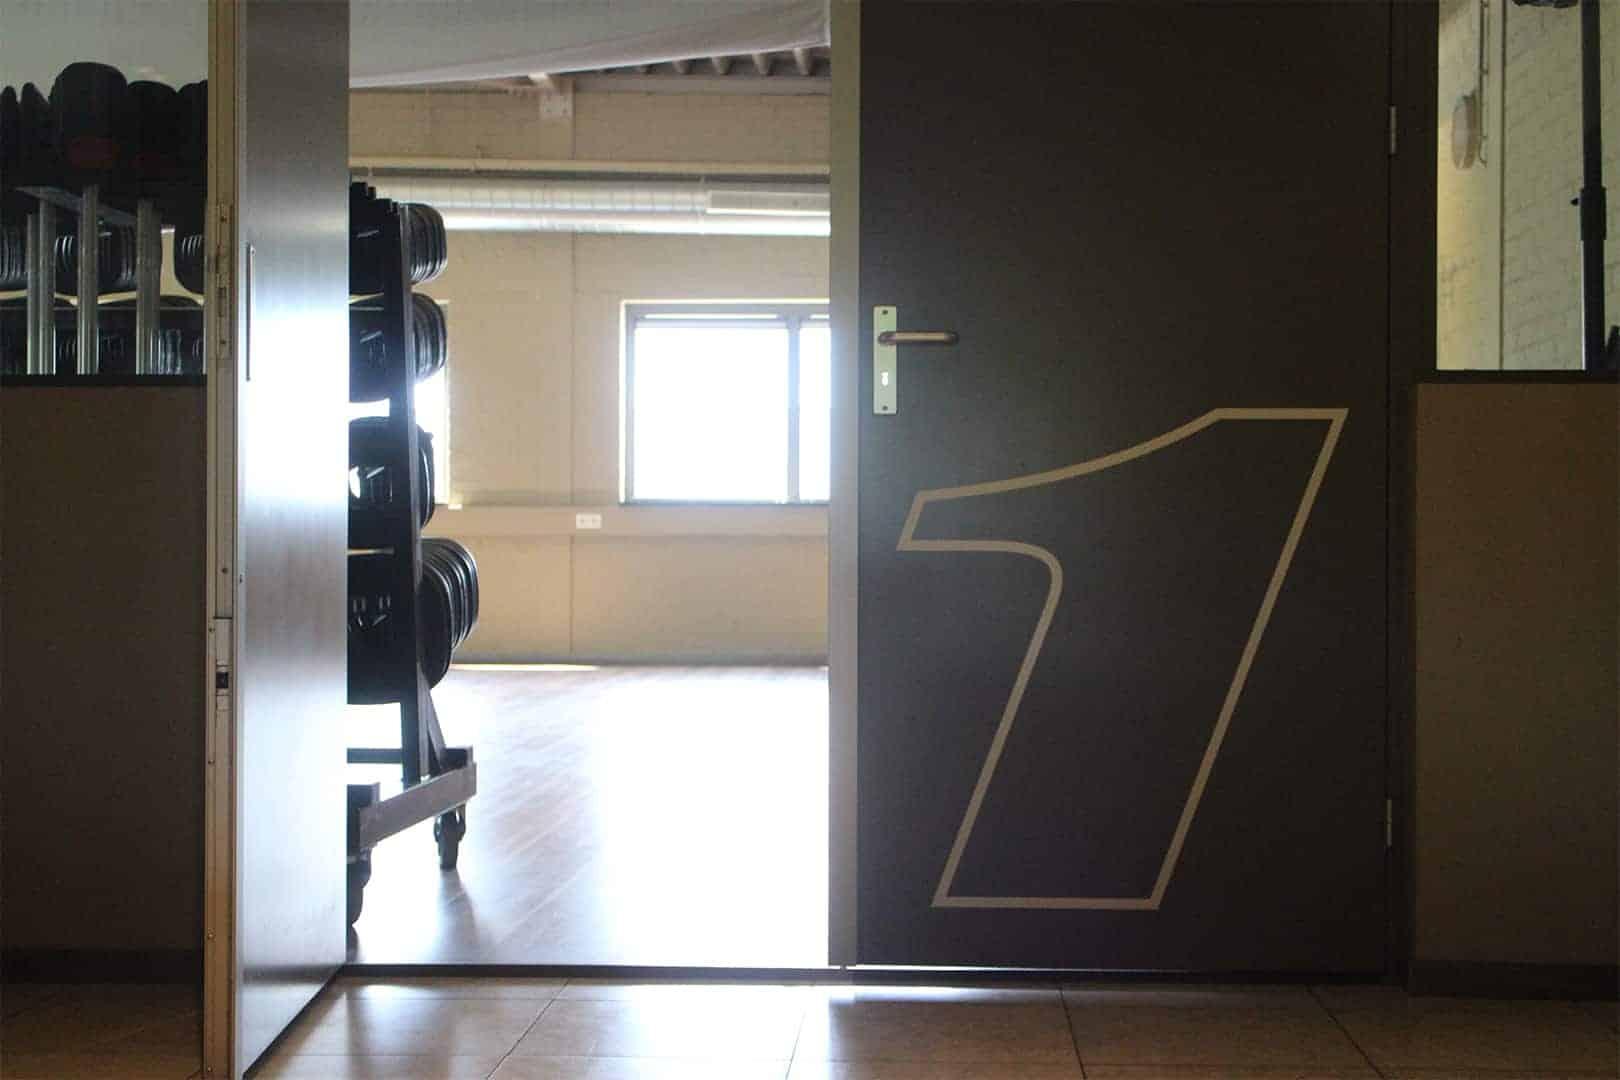 Zaal1 Studiosport Tubbergen 152